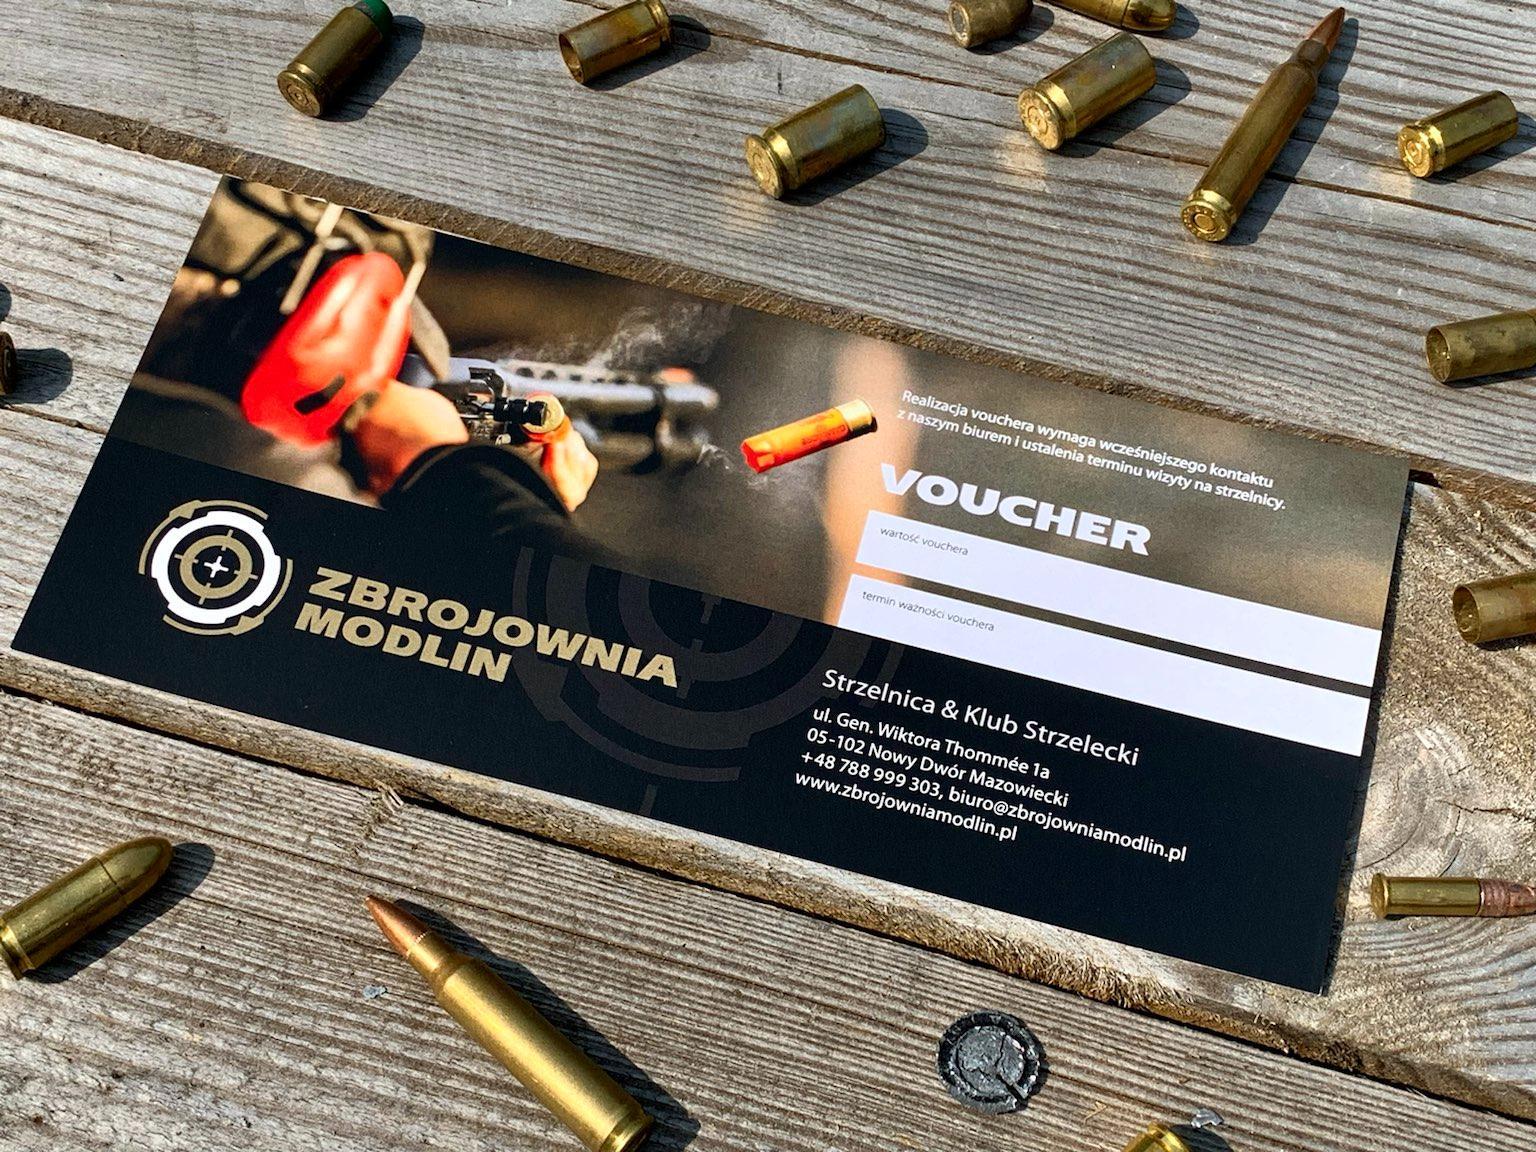 Vouchery – idealny prezent dla miłośnika strzelectwa!